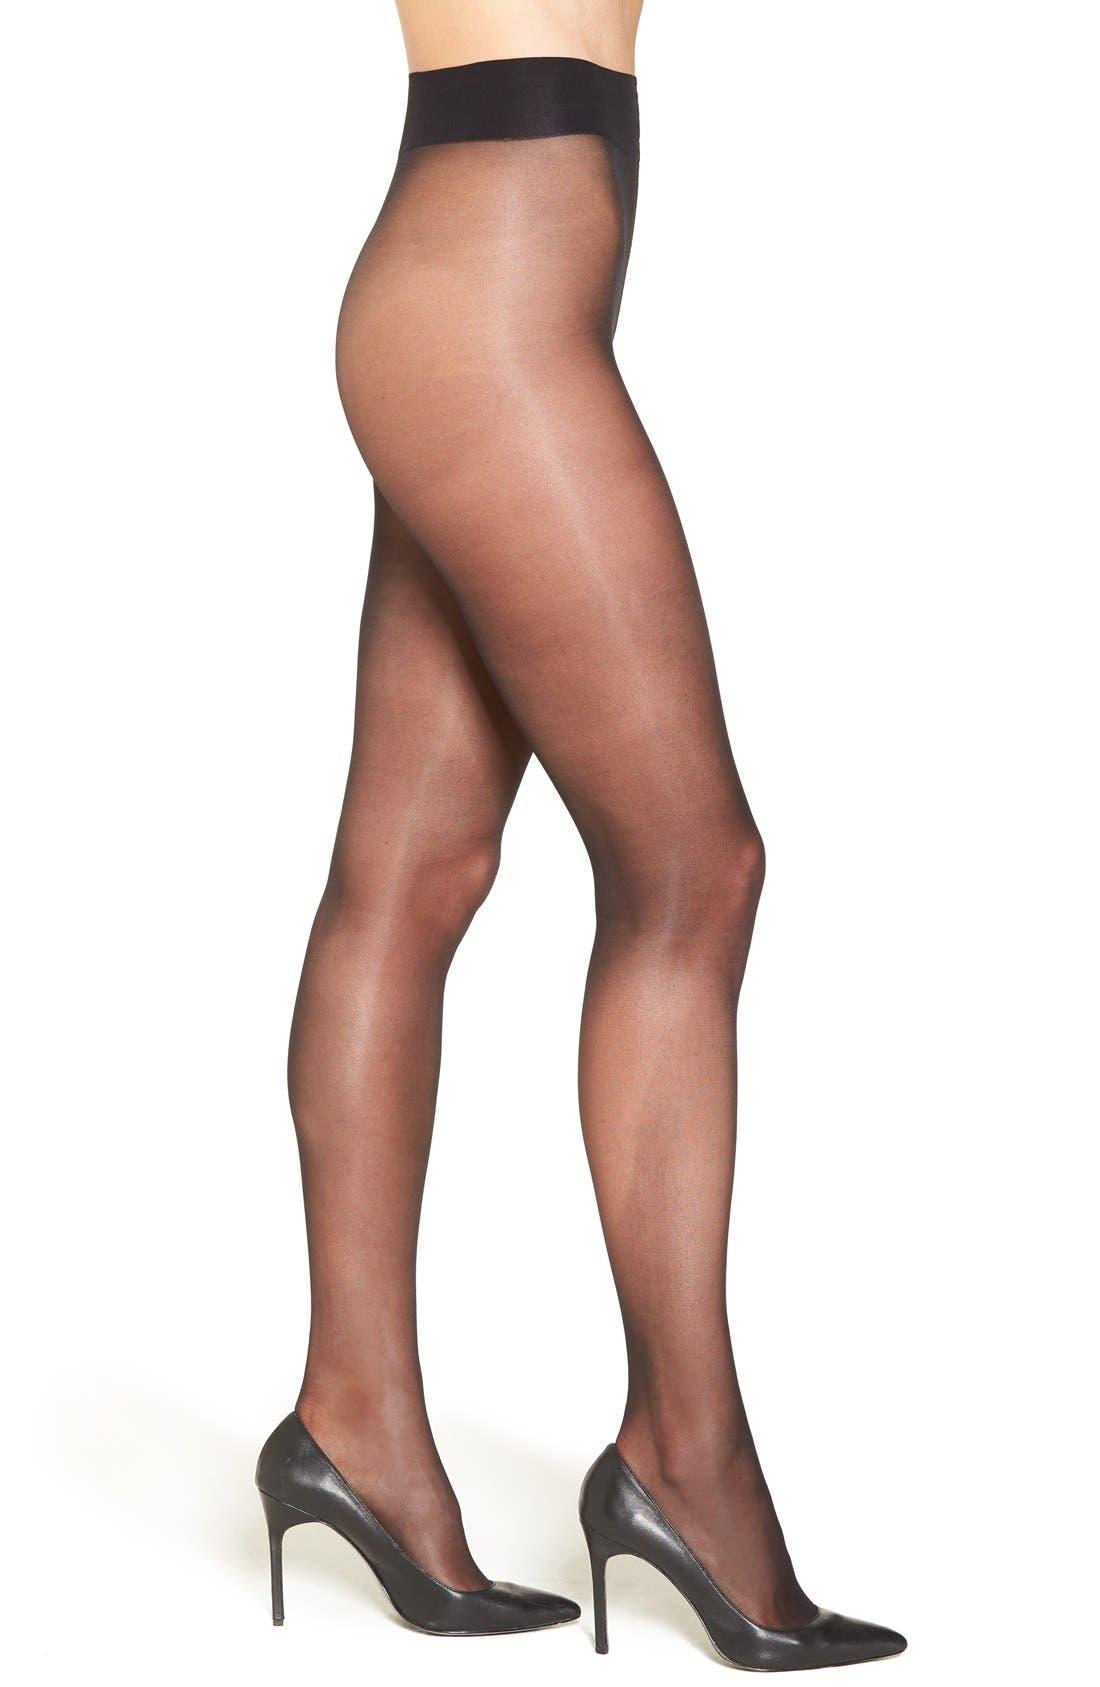 Main Image - Nordstrom Low Rise Sheer Pantyhose